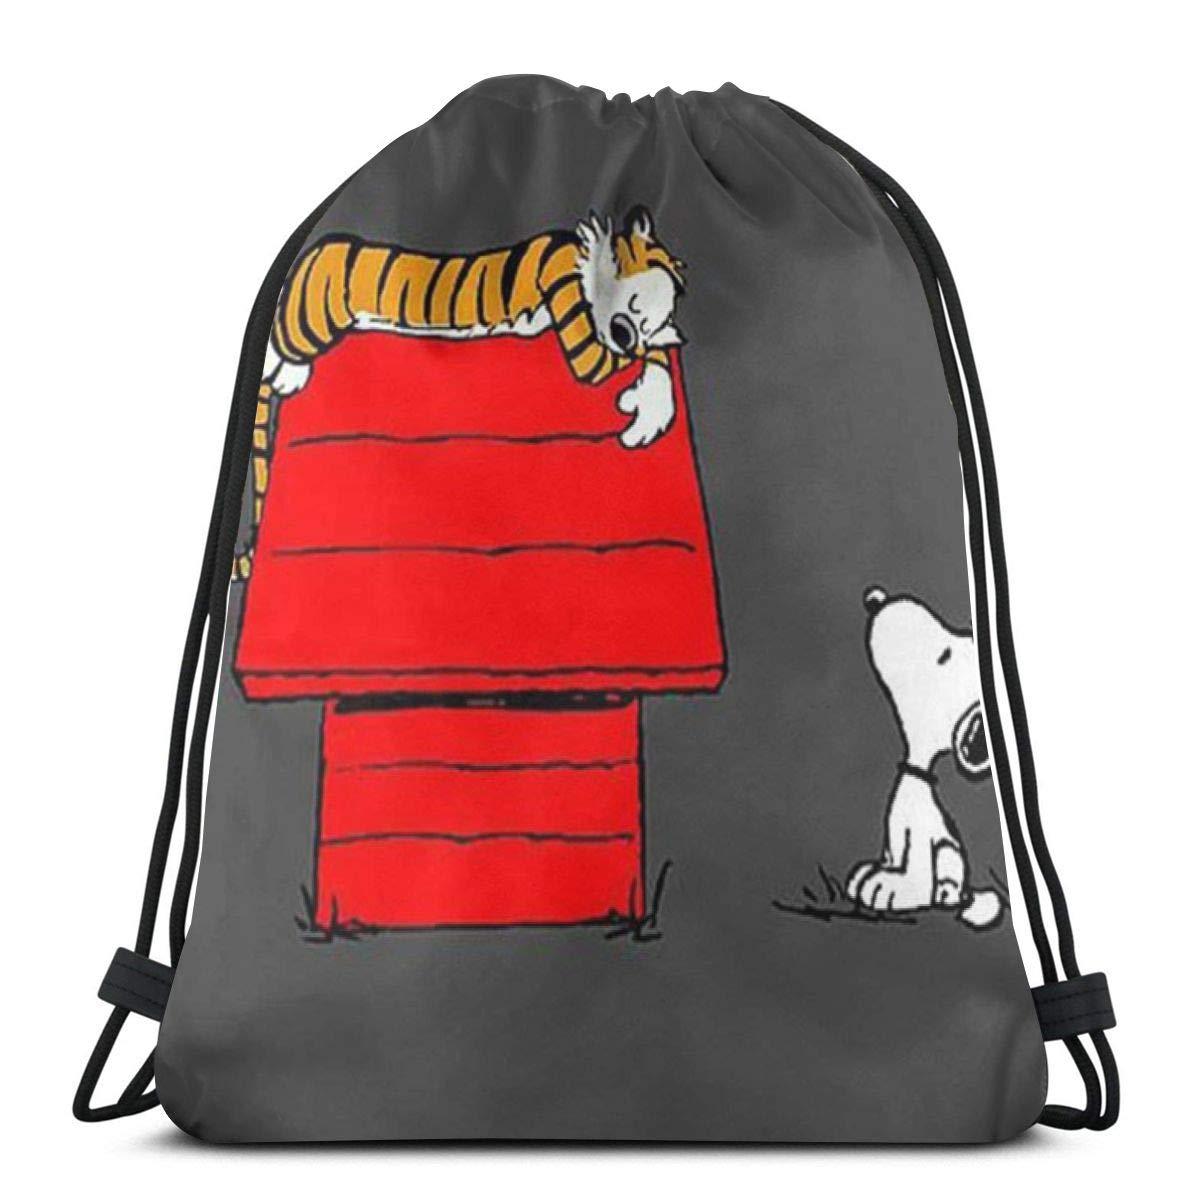 MPJTJGWZ クラシック巾着バッグ スヌーピーホームジムバックパック ショルダーバッグ スポーツ収納バッグ 男女兼用 B07SCY334R